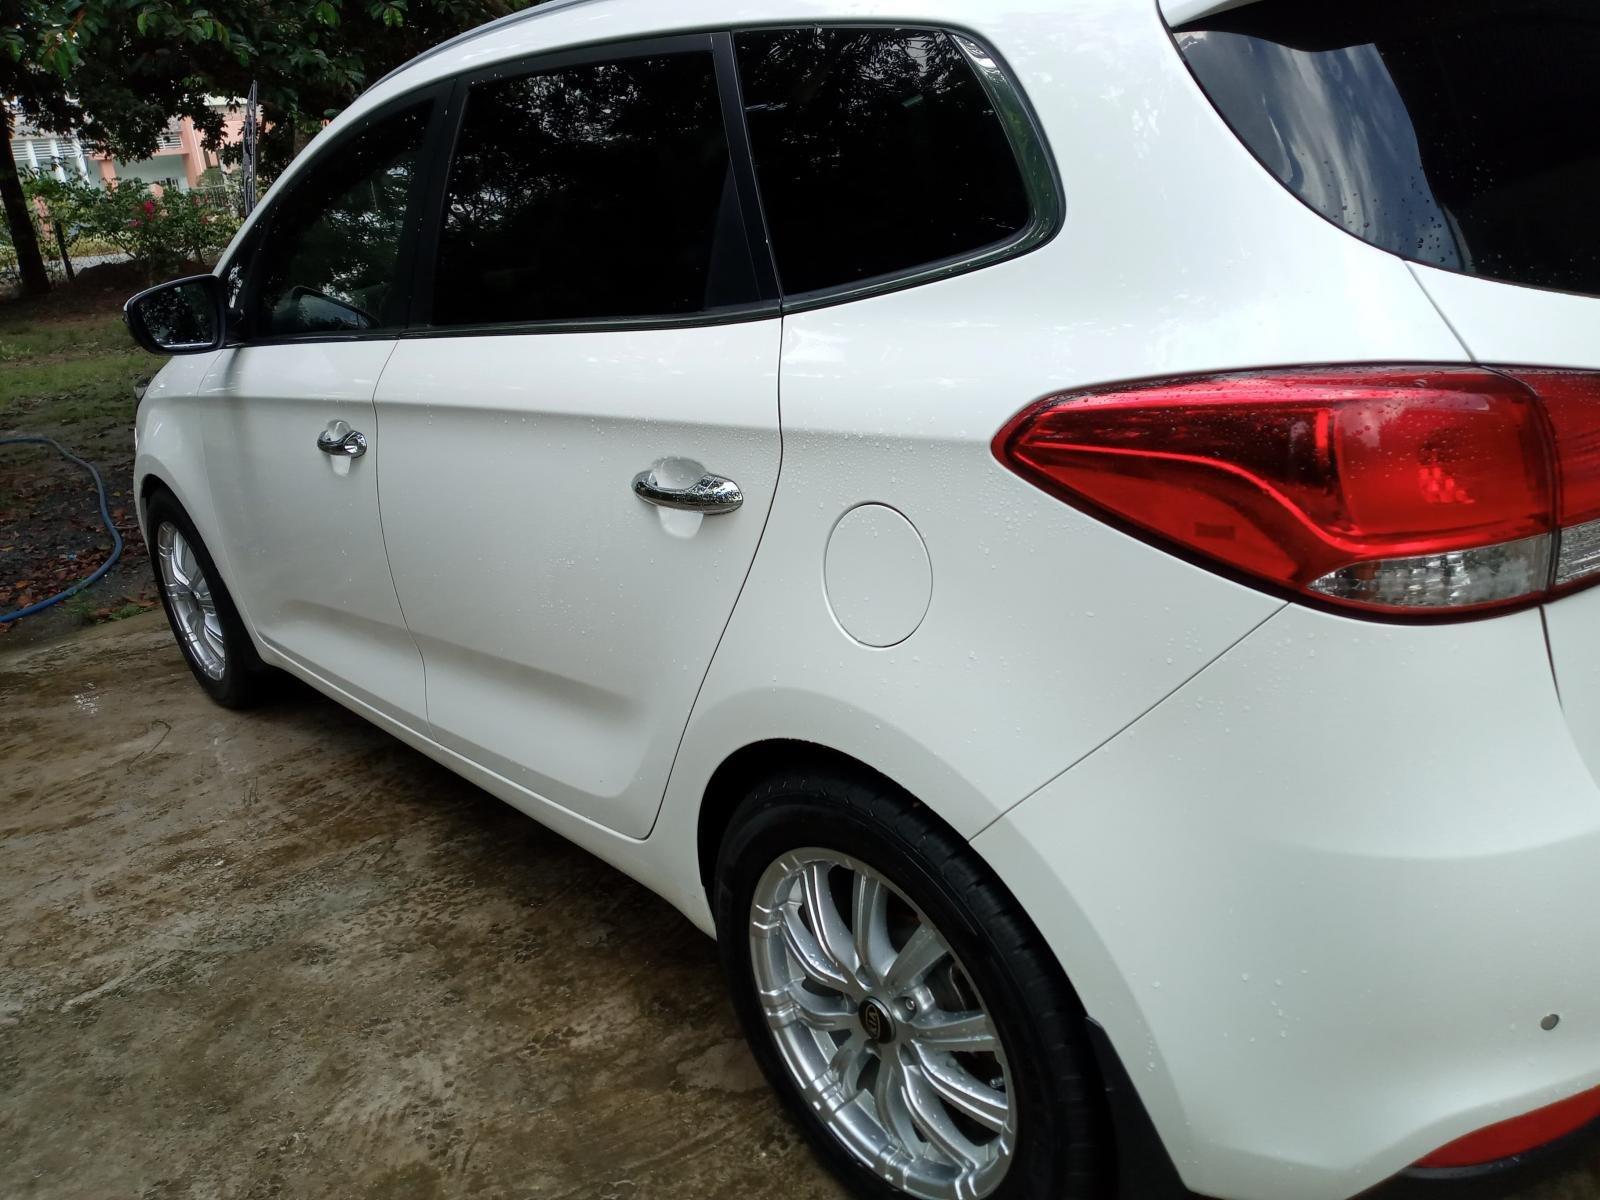 Cần bán lại xe Kia Rondo đời 2016, màu trắng, nhập khẩu nguyên chiếc (1)